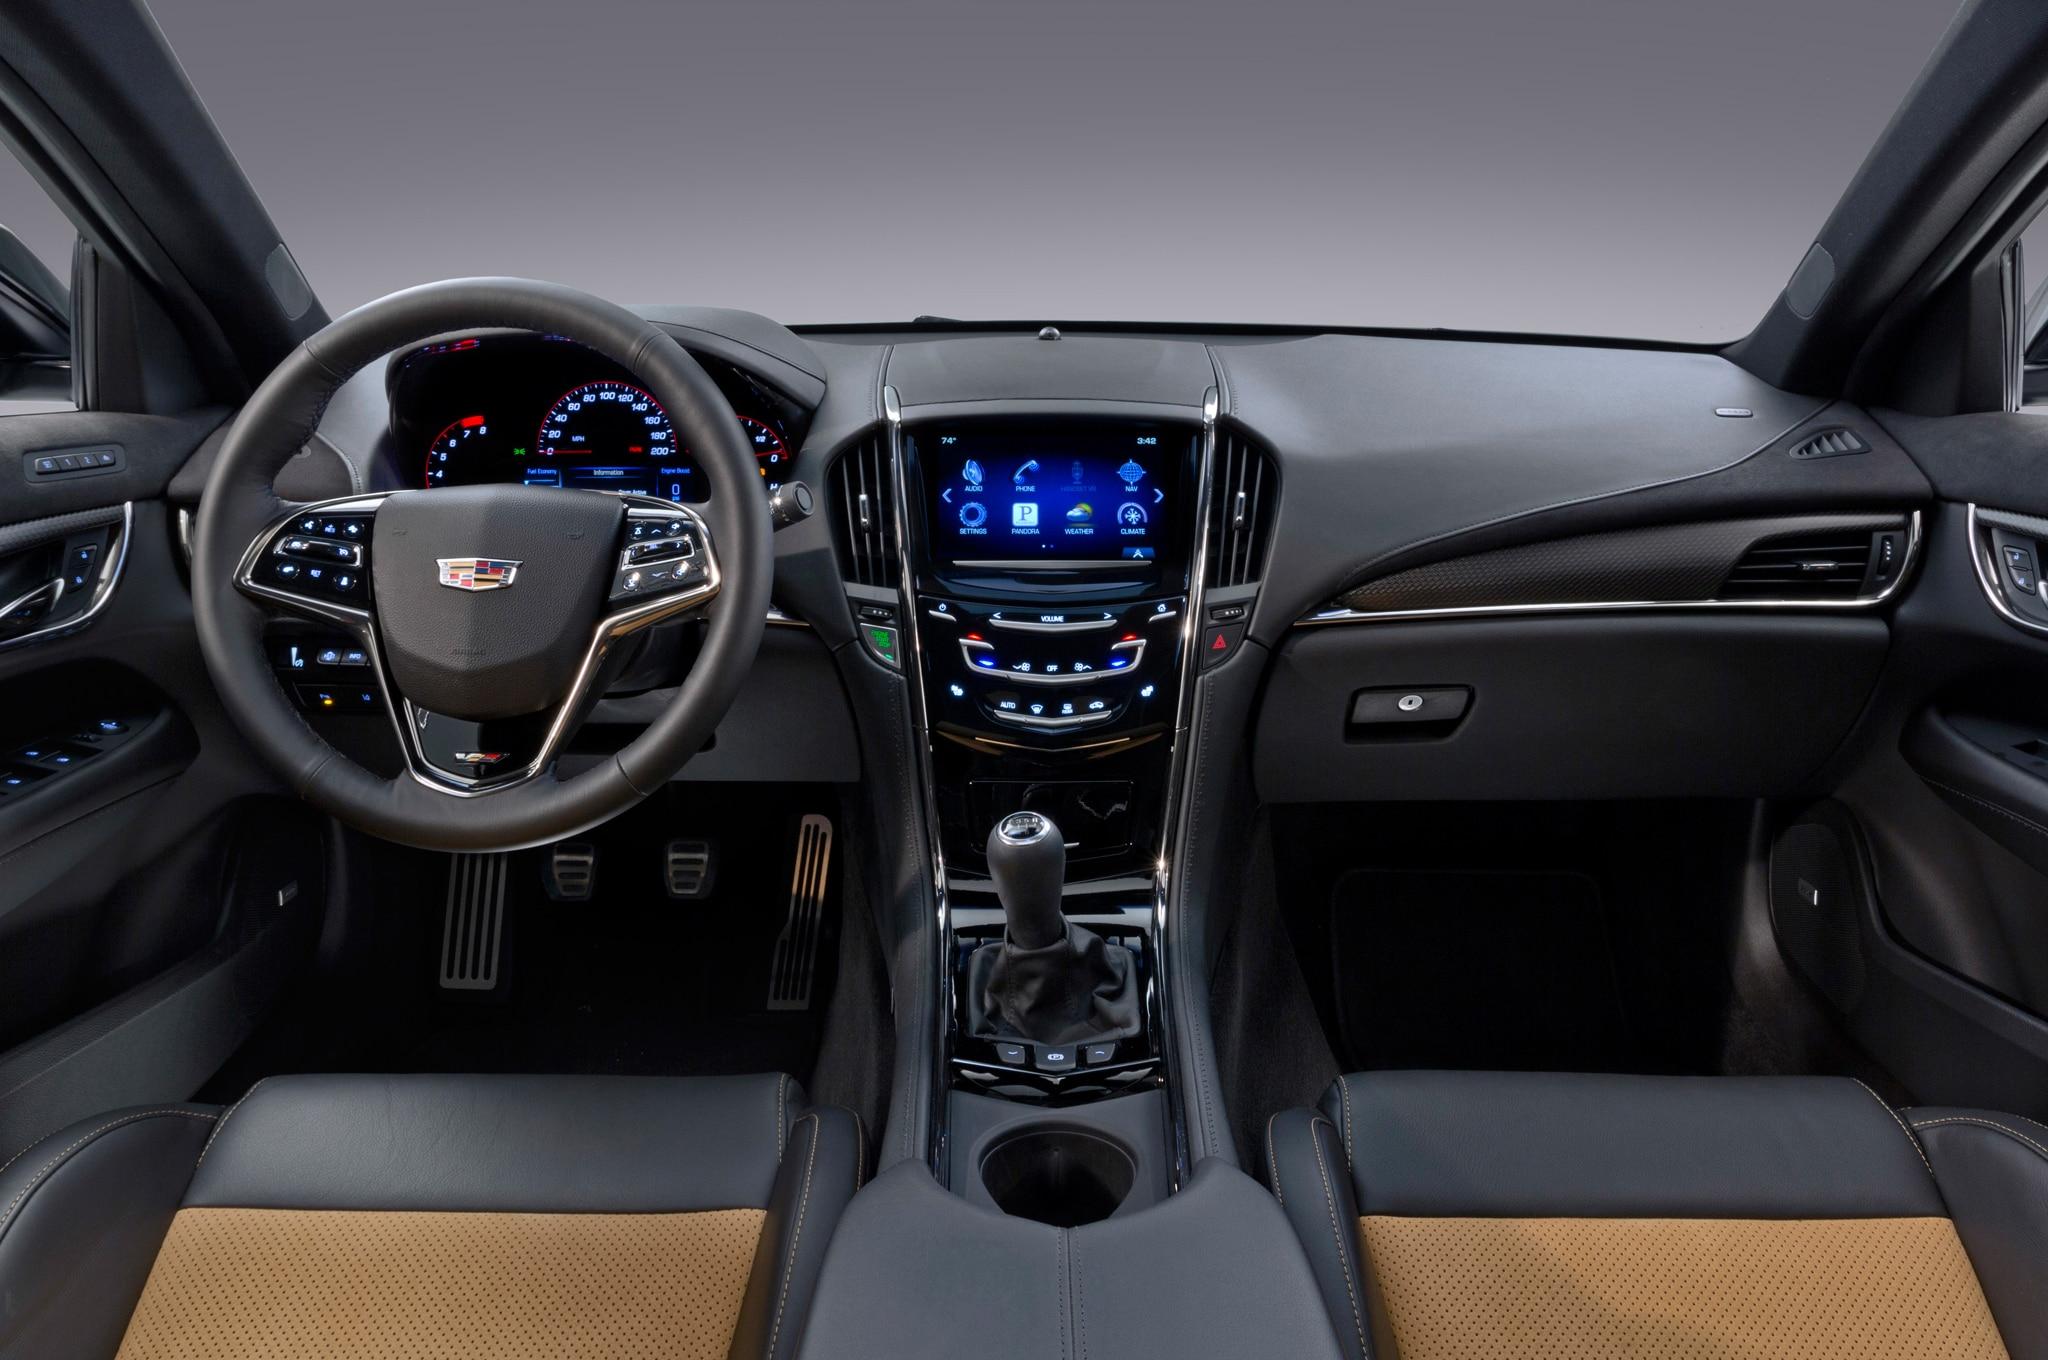 2016 Cadillac Ats V Sedan Starts At 61 460 Coupe From 63 660